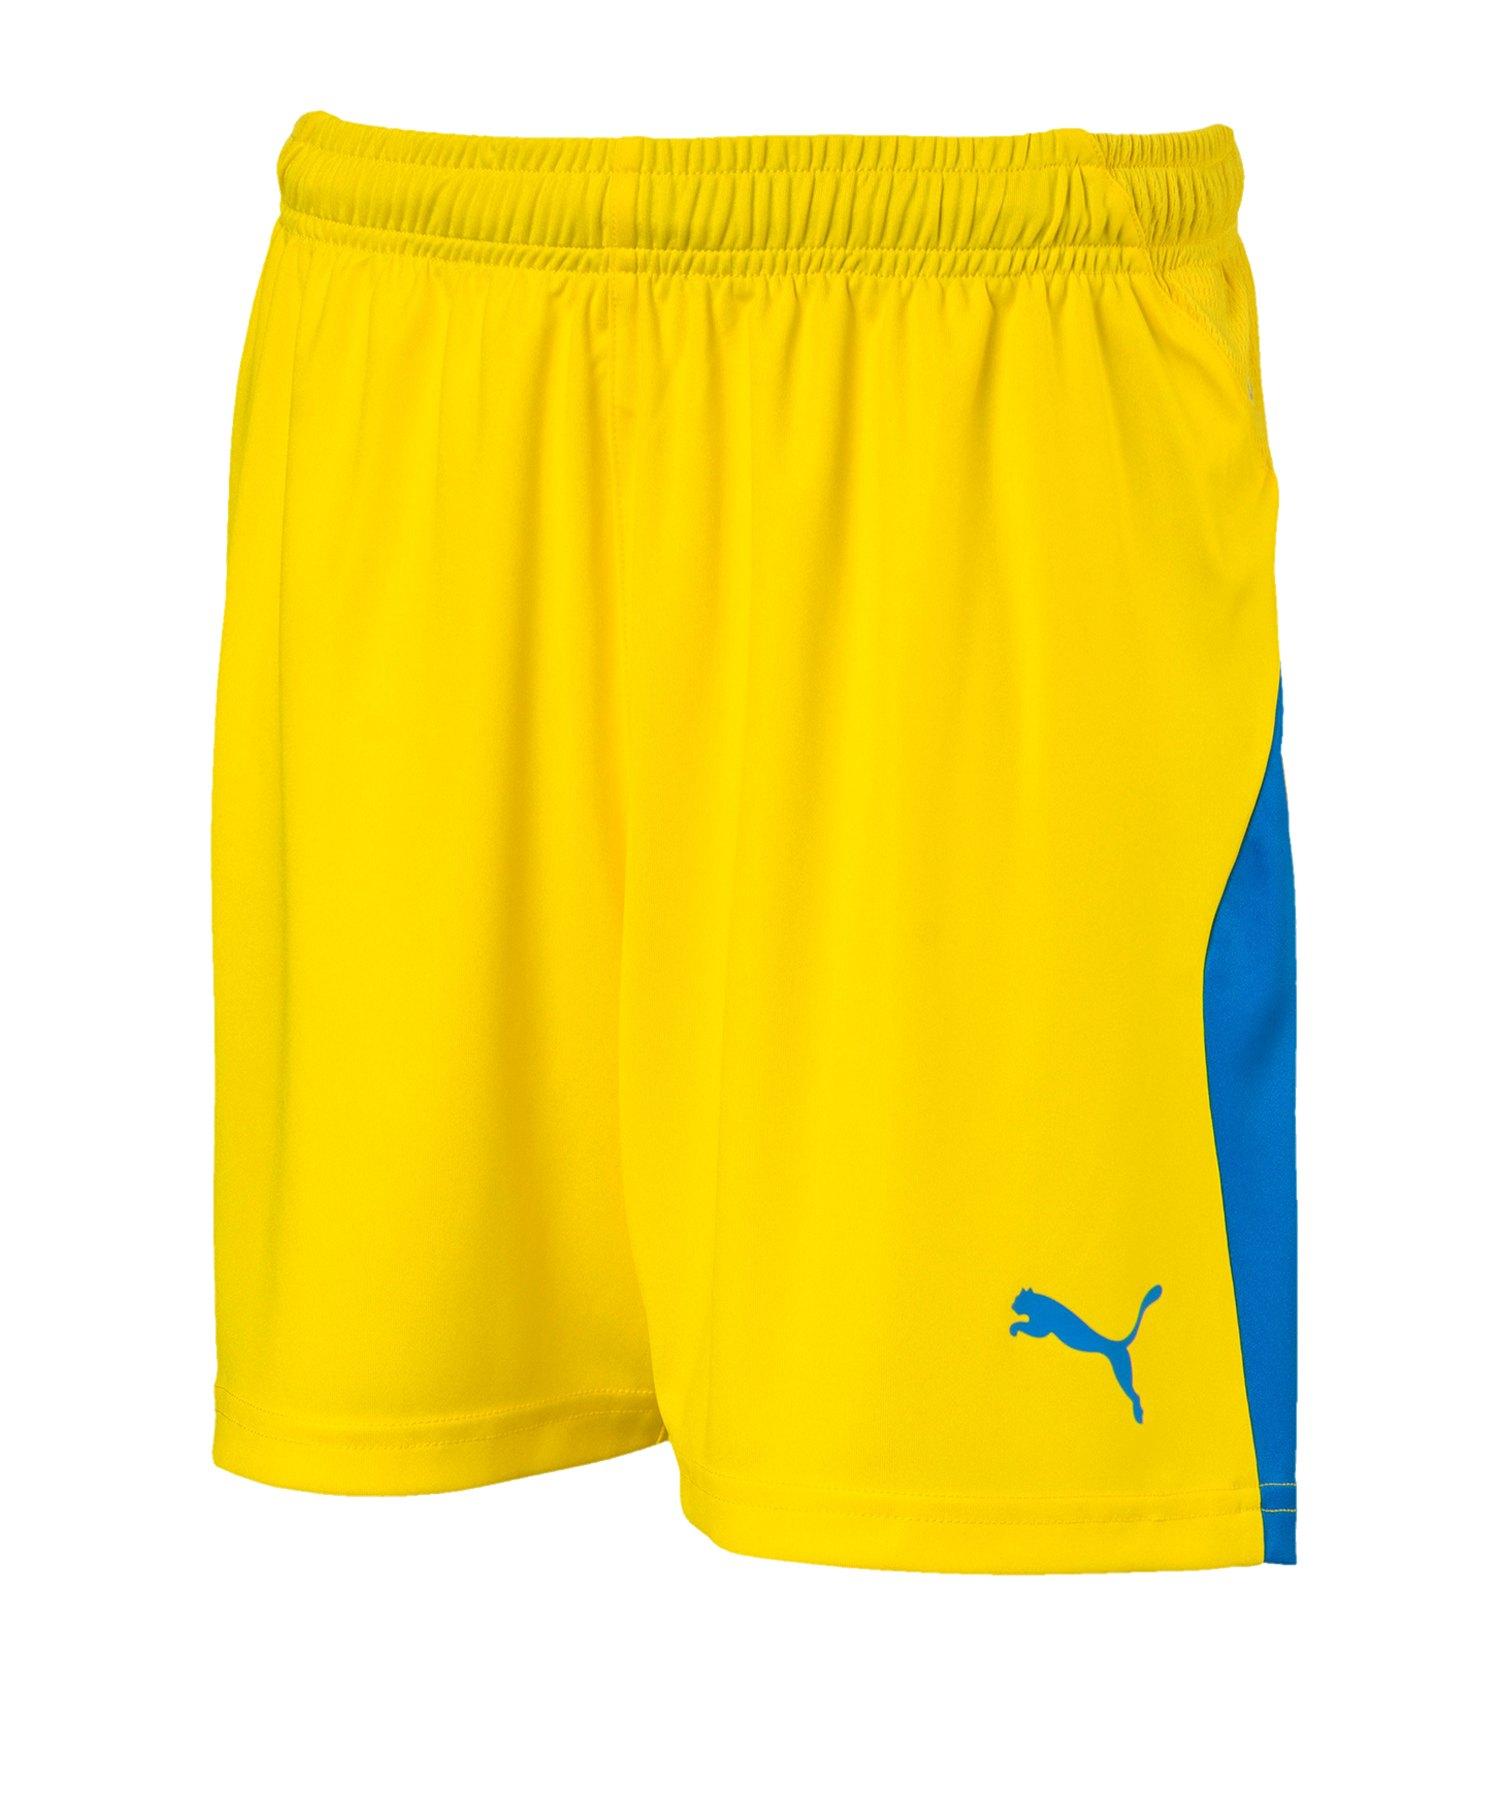 PUMA LIGA Short Kids Gelb Blau F17 - gelb